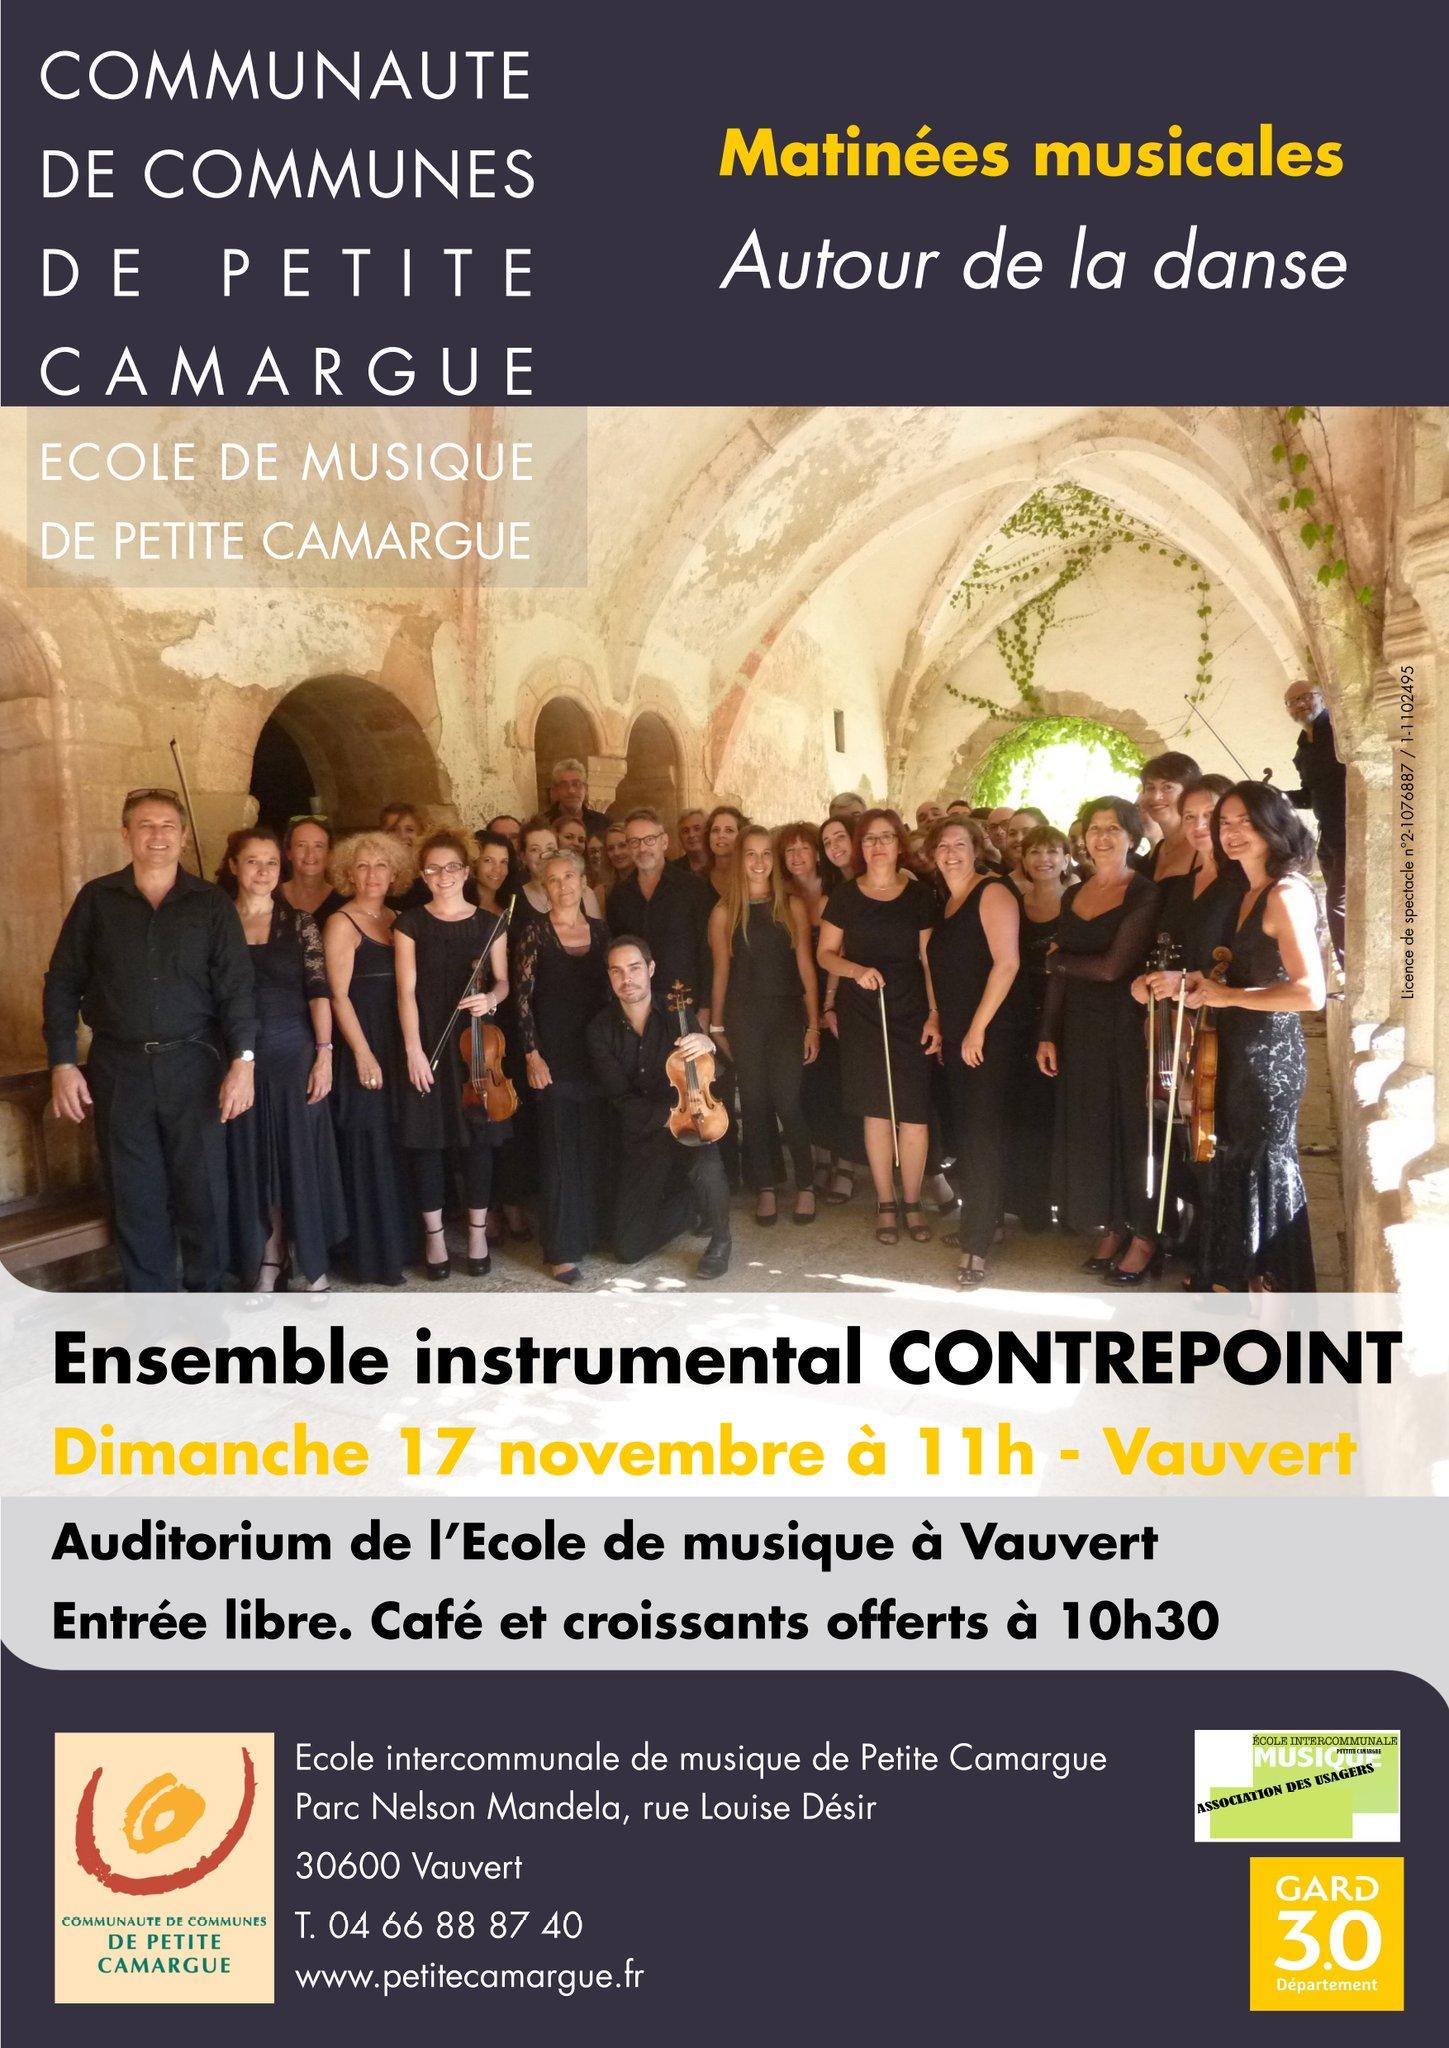 Ensemble instrumental Contrepoint @ Auditorium de l'école de musique